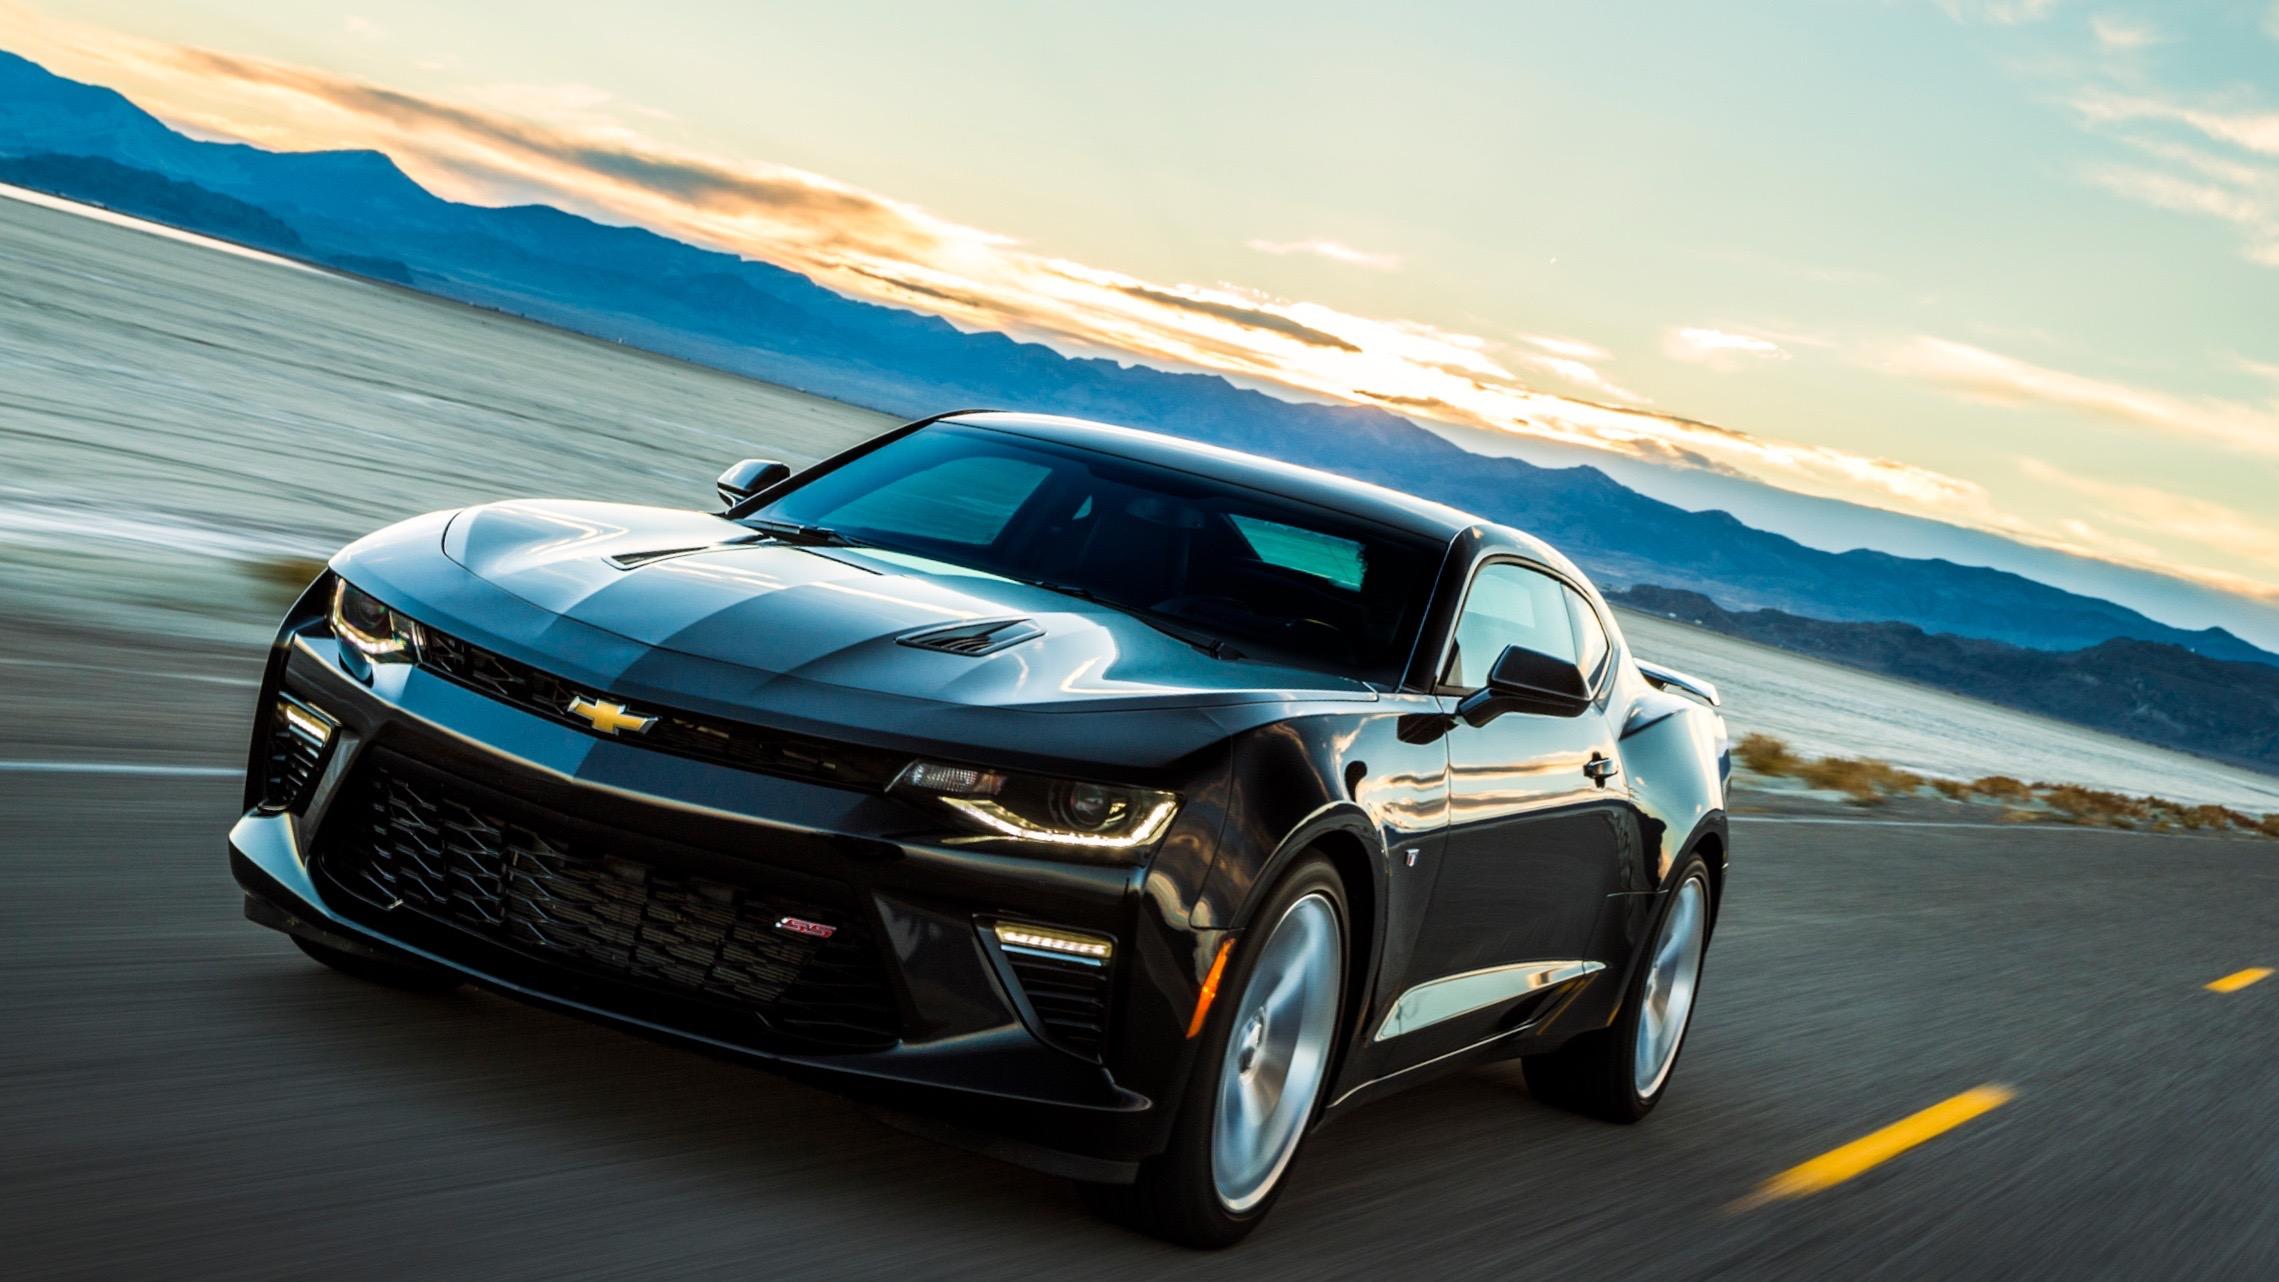 Chevrolet Podría Ofrecer To Una Versión Del Camaro Ss Con Motor V8 Y Precio Razonable